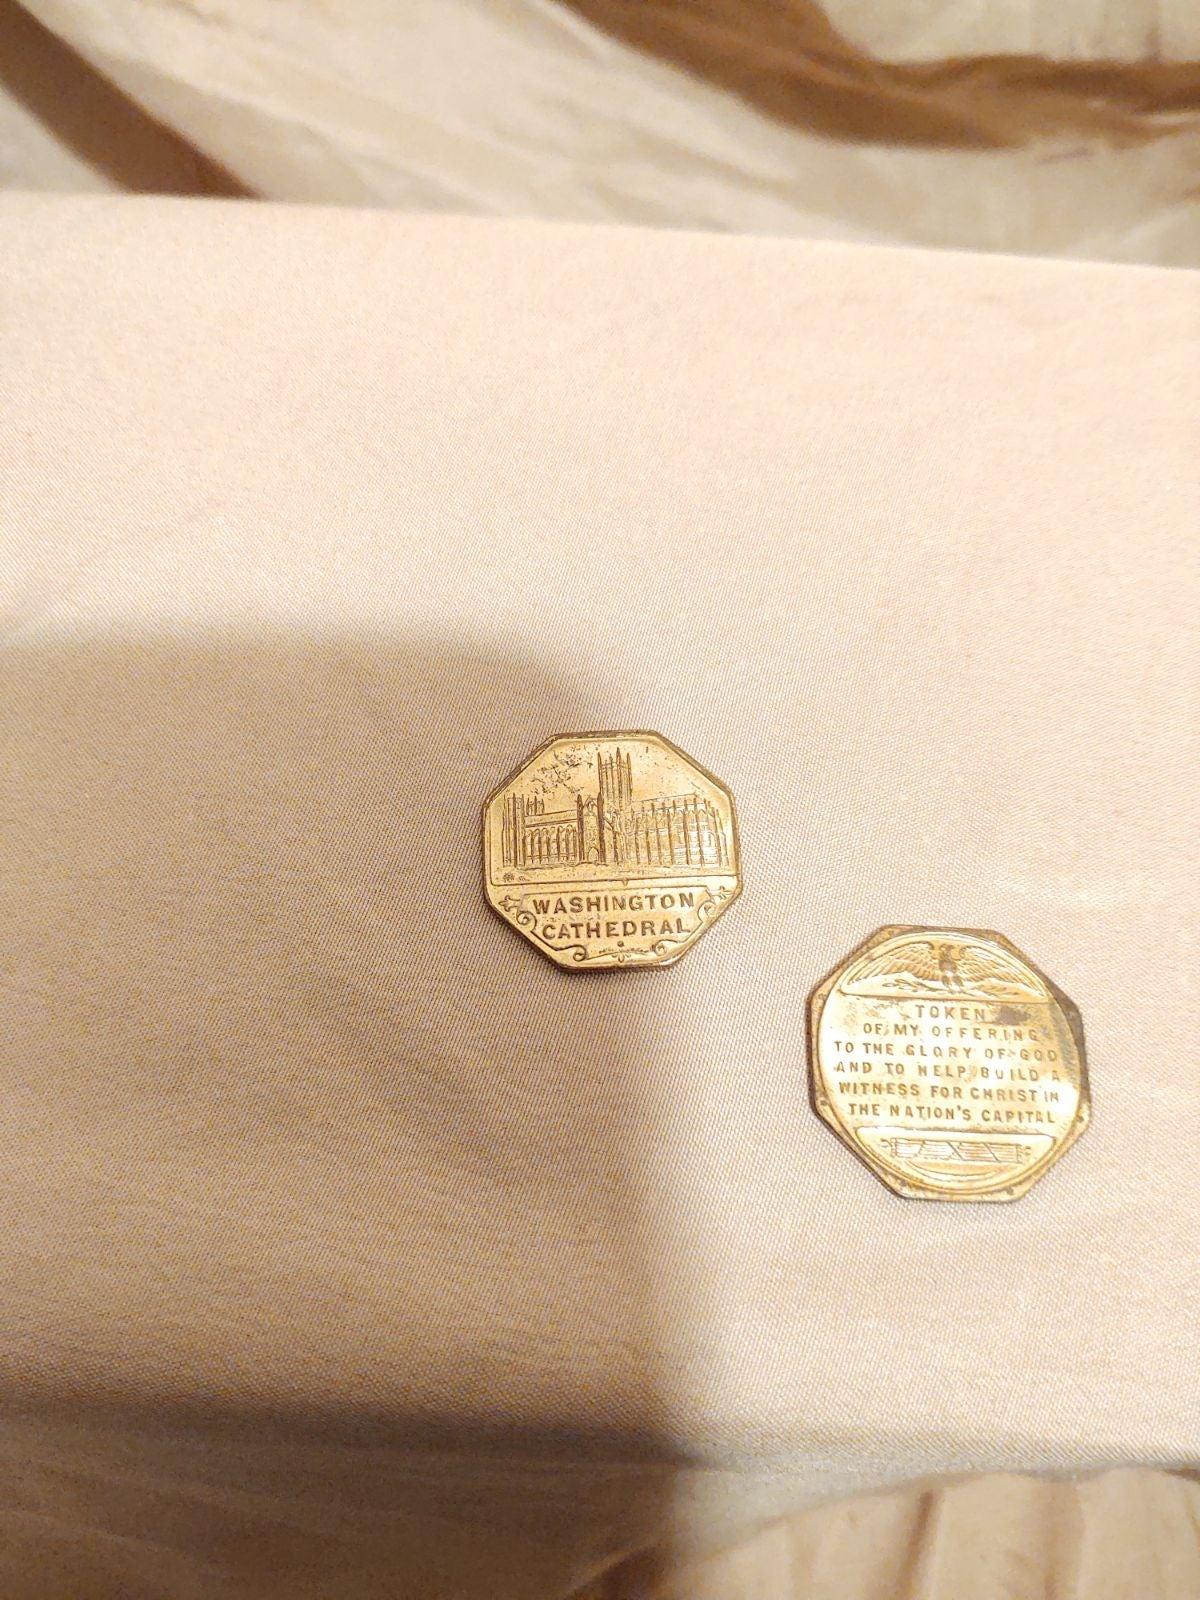 Washington Cathedral tokens